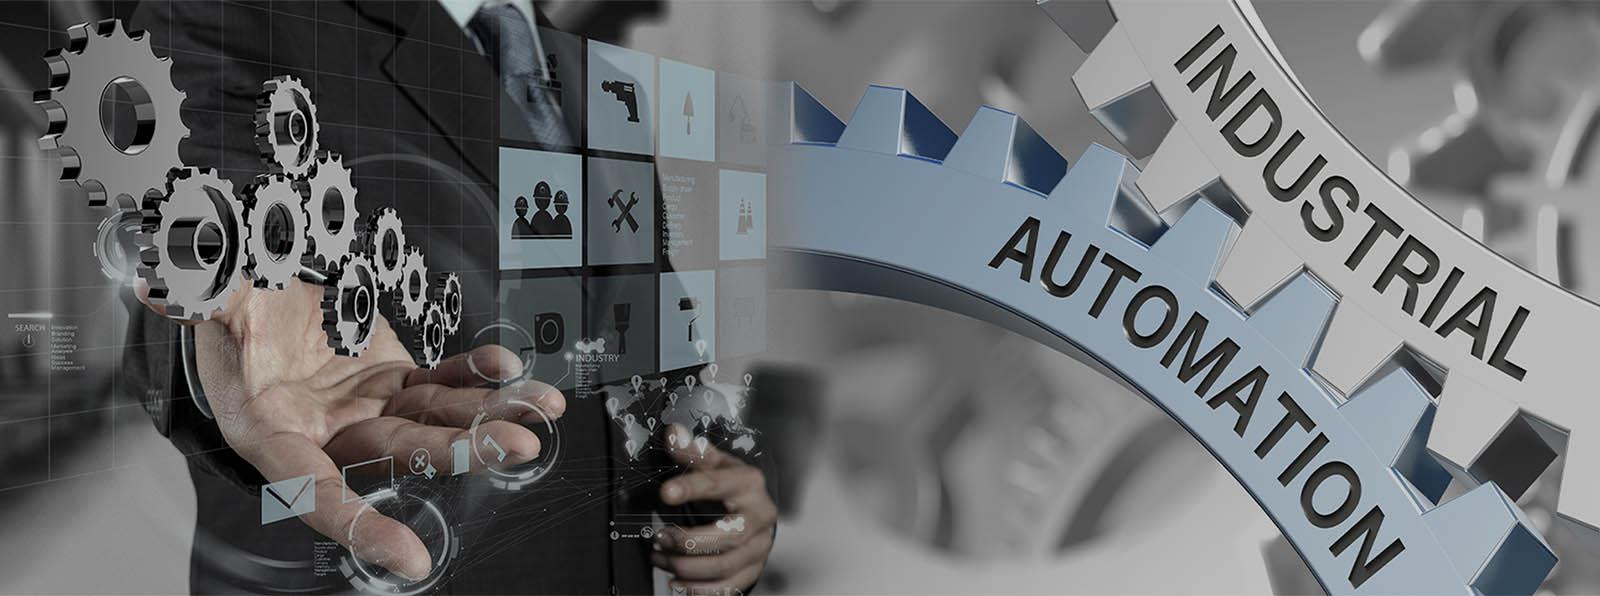 Системы оперативного управления производством (MES.FORWARD)